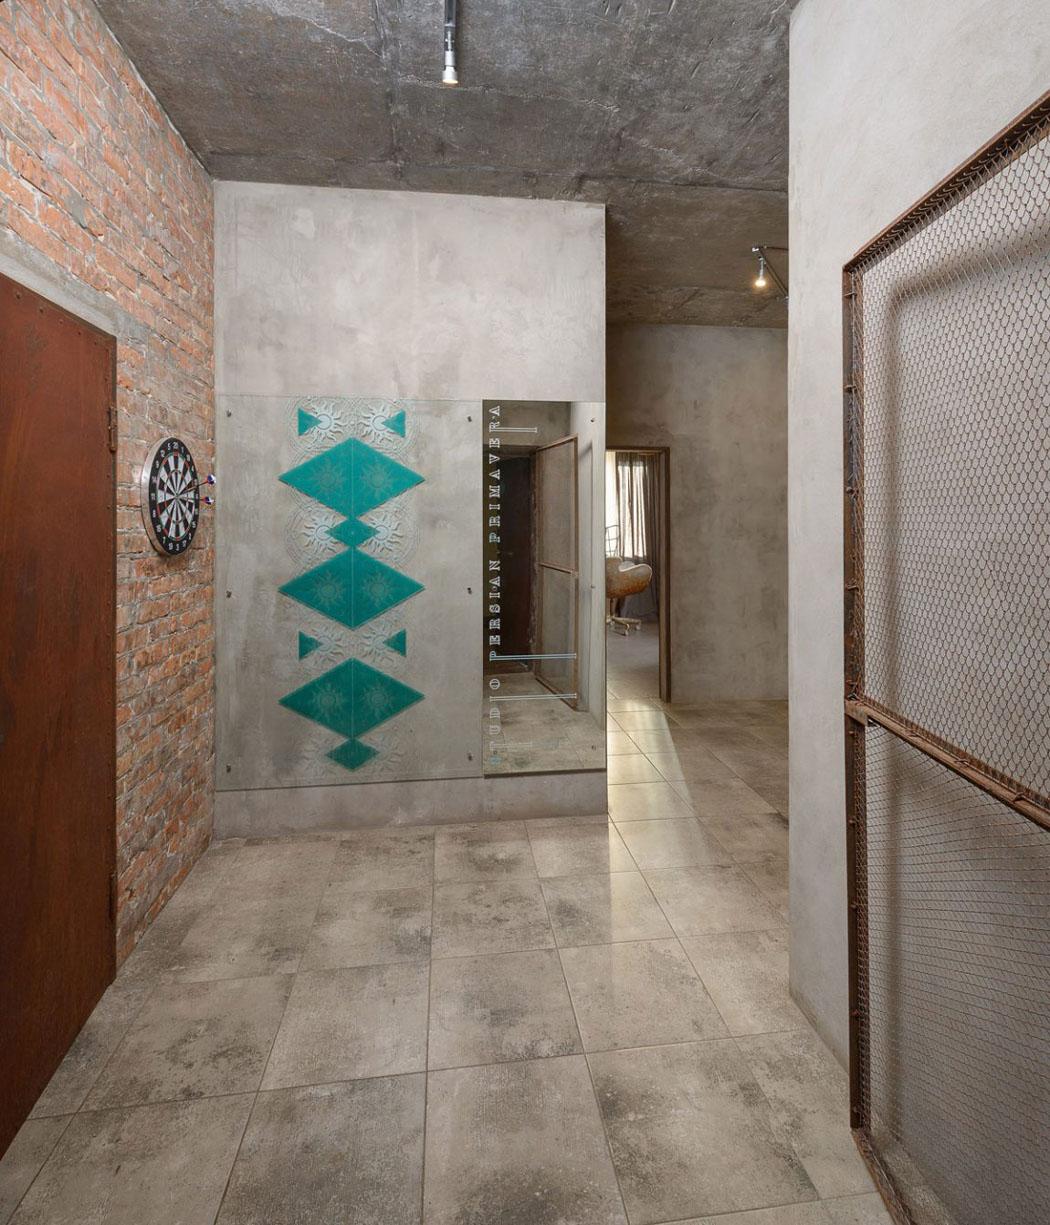 Appartement atypique kiev au design int rieur clectique for Design interieur appartement